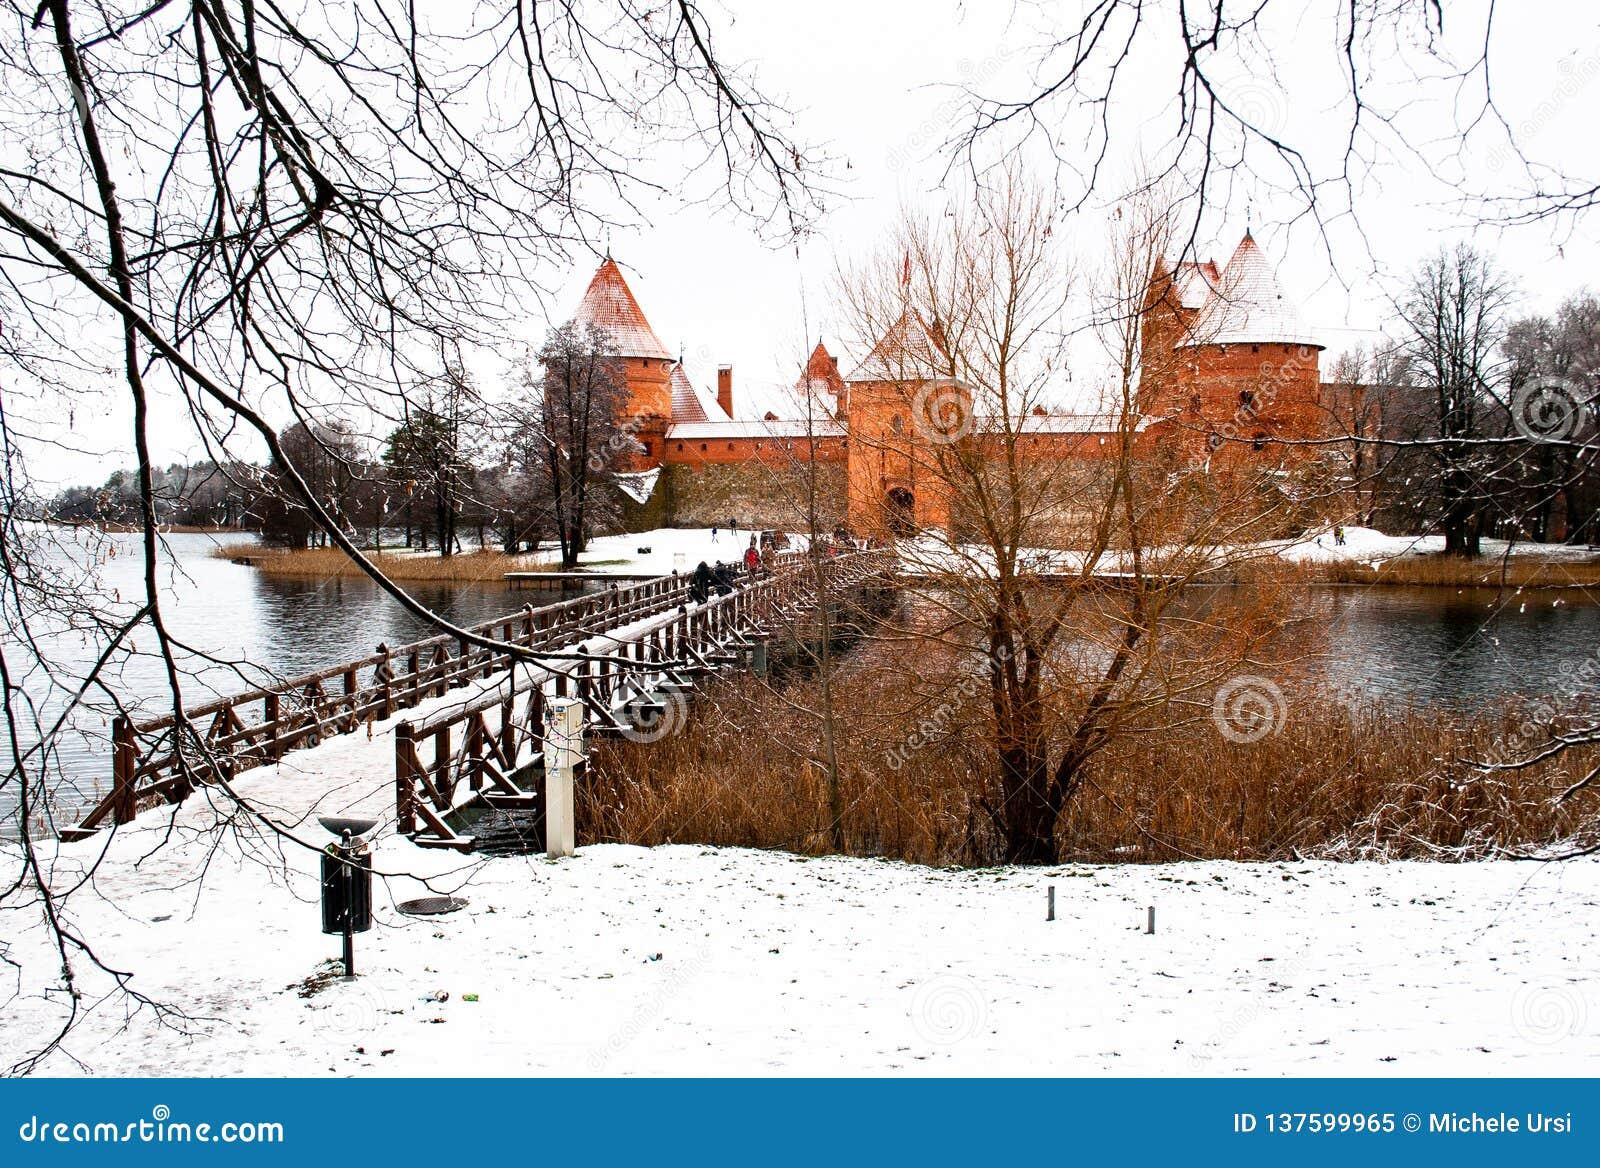 Castelo medieval de Trakai, Vilnius, Lituânia, Europa Oriental, no inverno